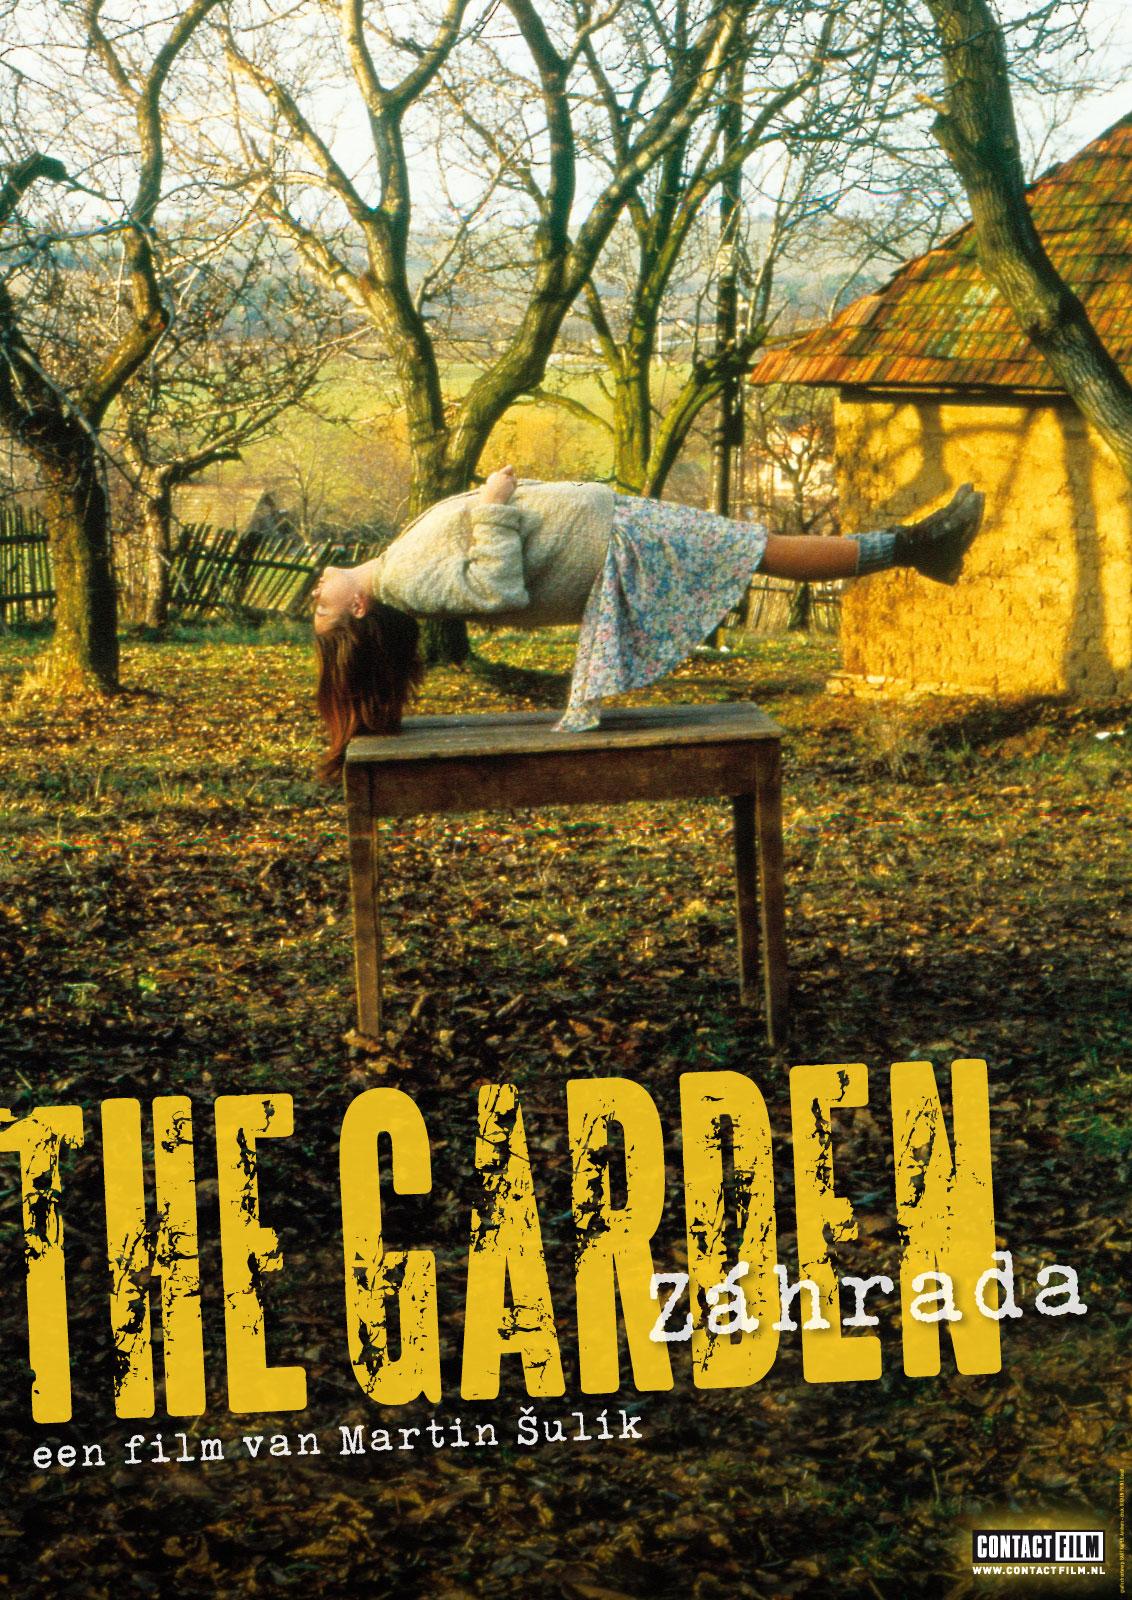 Záhrada (1995) - IMDb